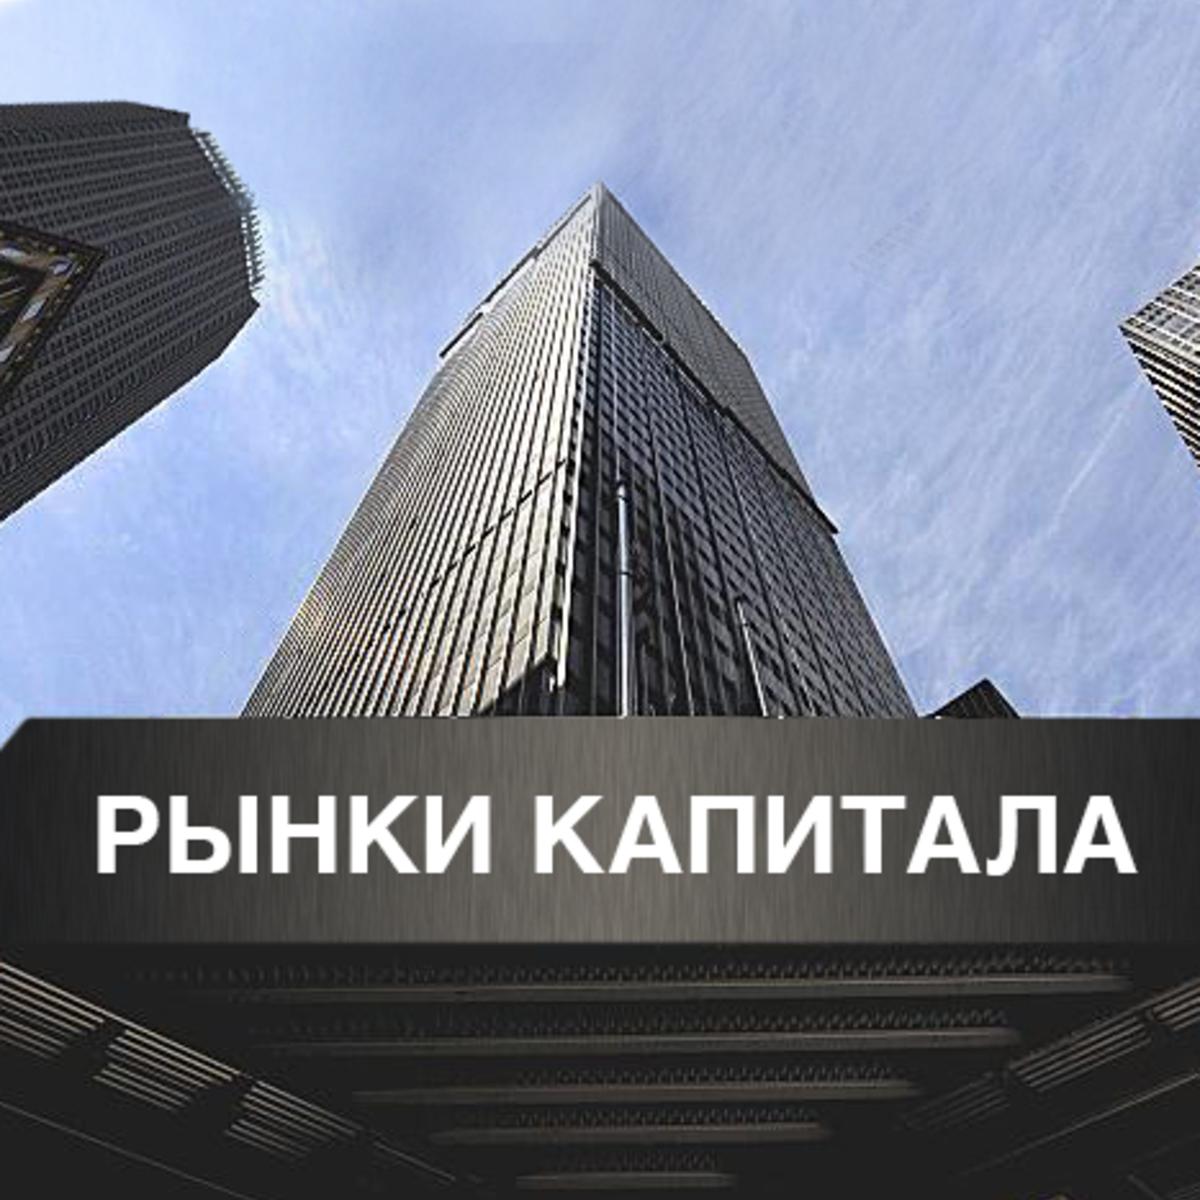 """Рынки капитала и финансовые институты или """"О чужих деньгах"""" course image"""